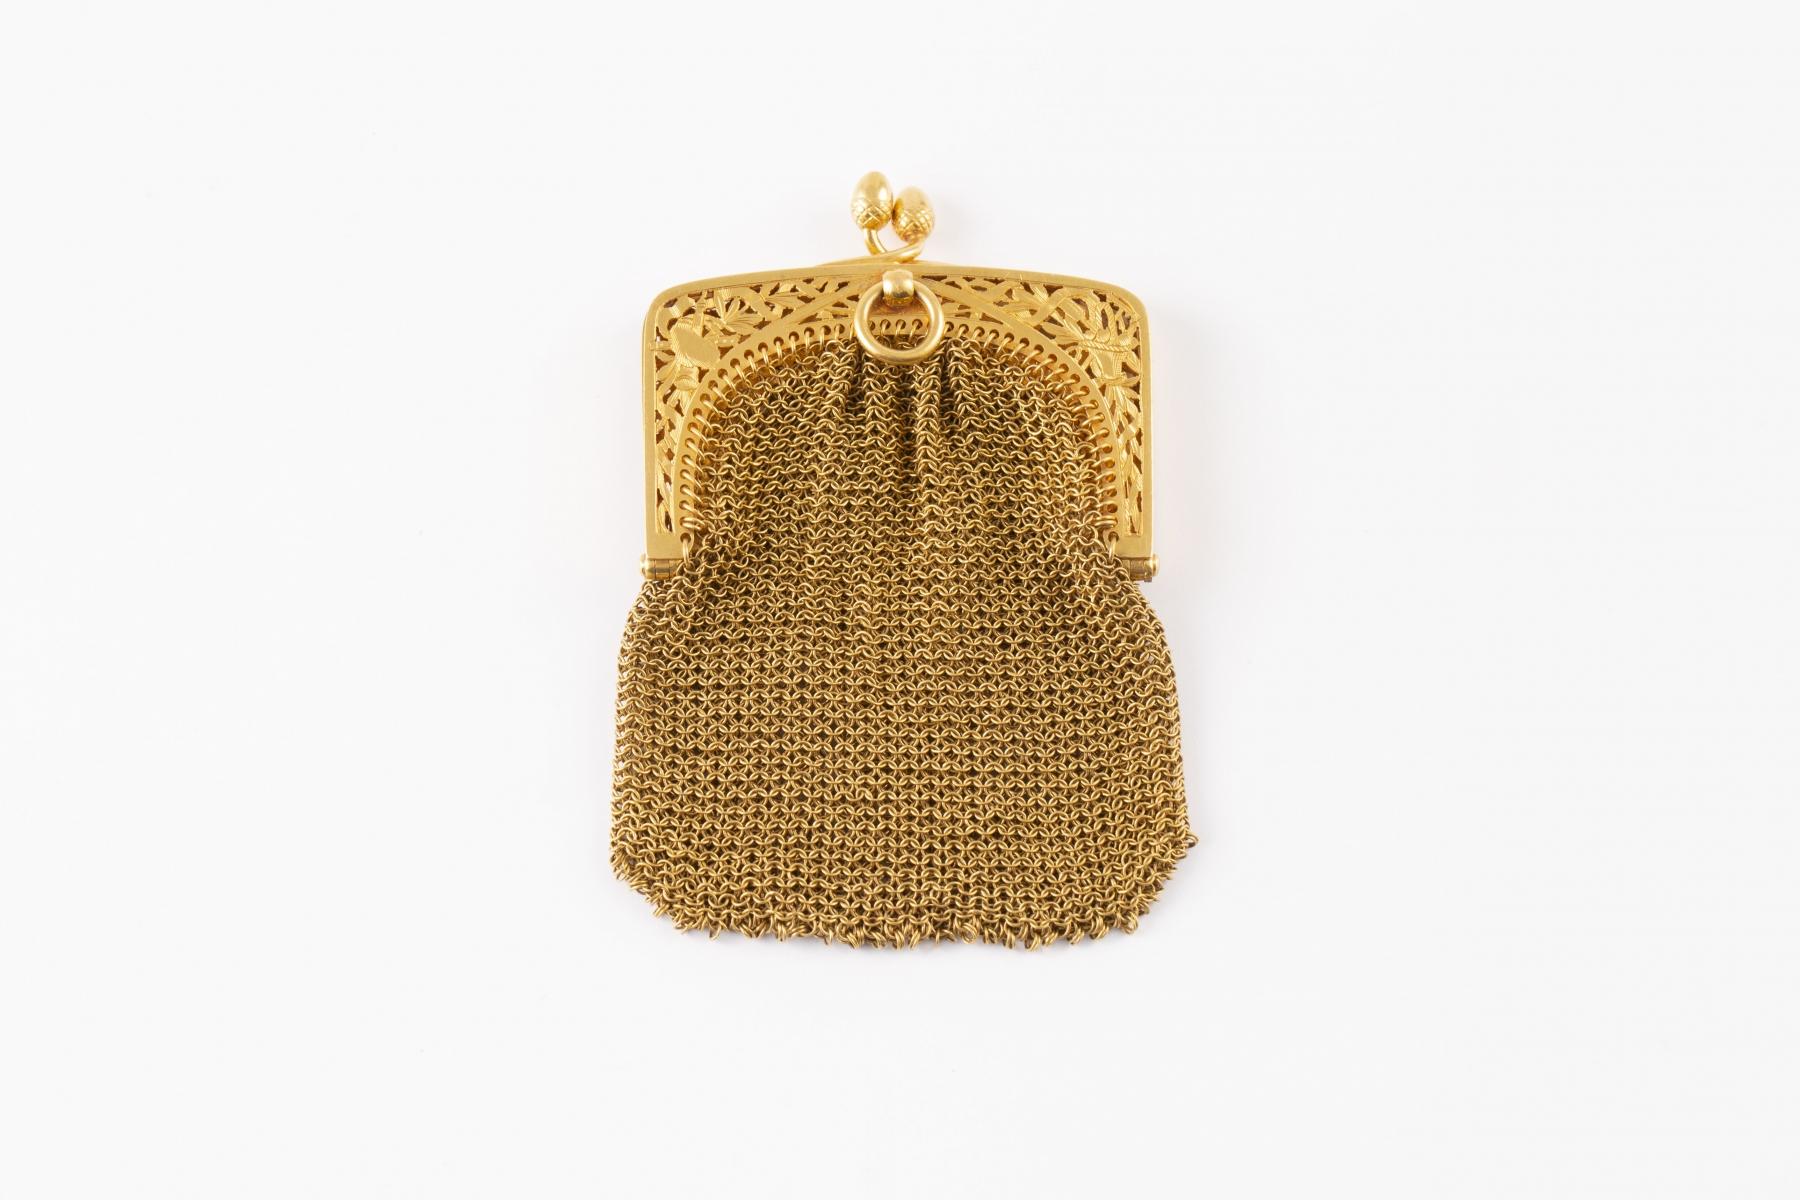 65 Aumonière en or jaune. Adujgé 1200€